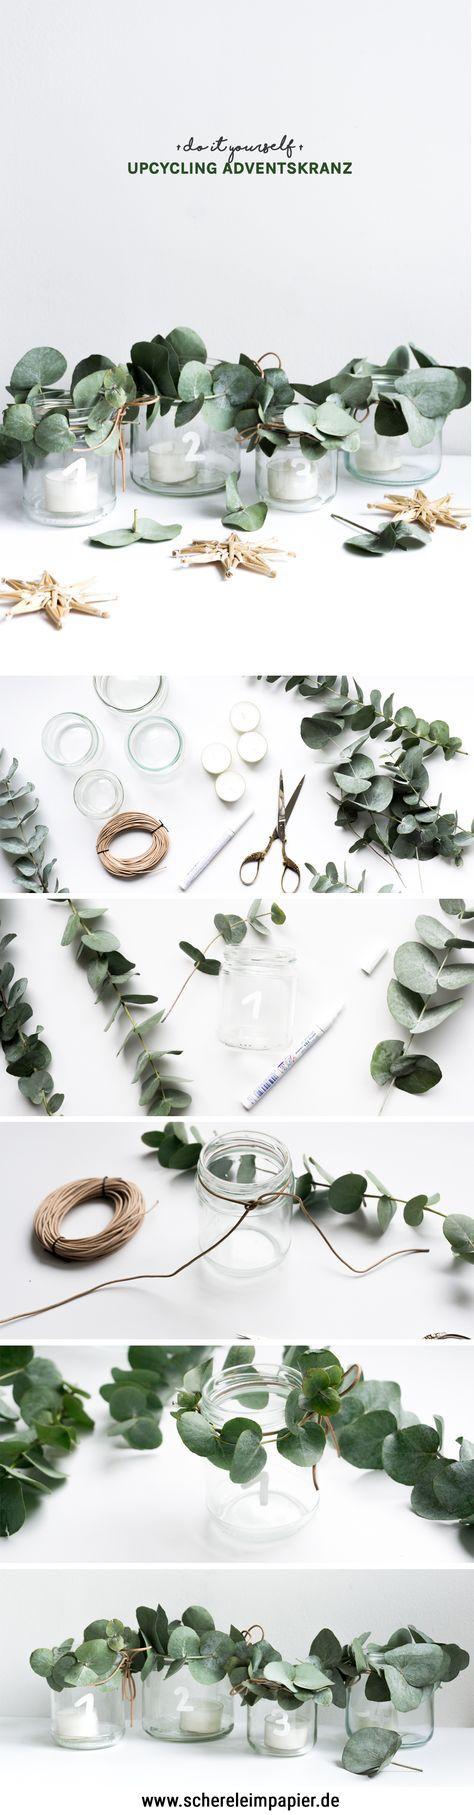 DIY Adventskranz – eine Upcycling Idee mit Altglas